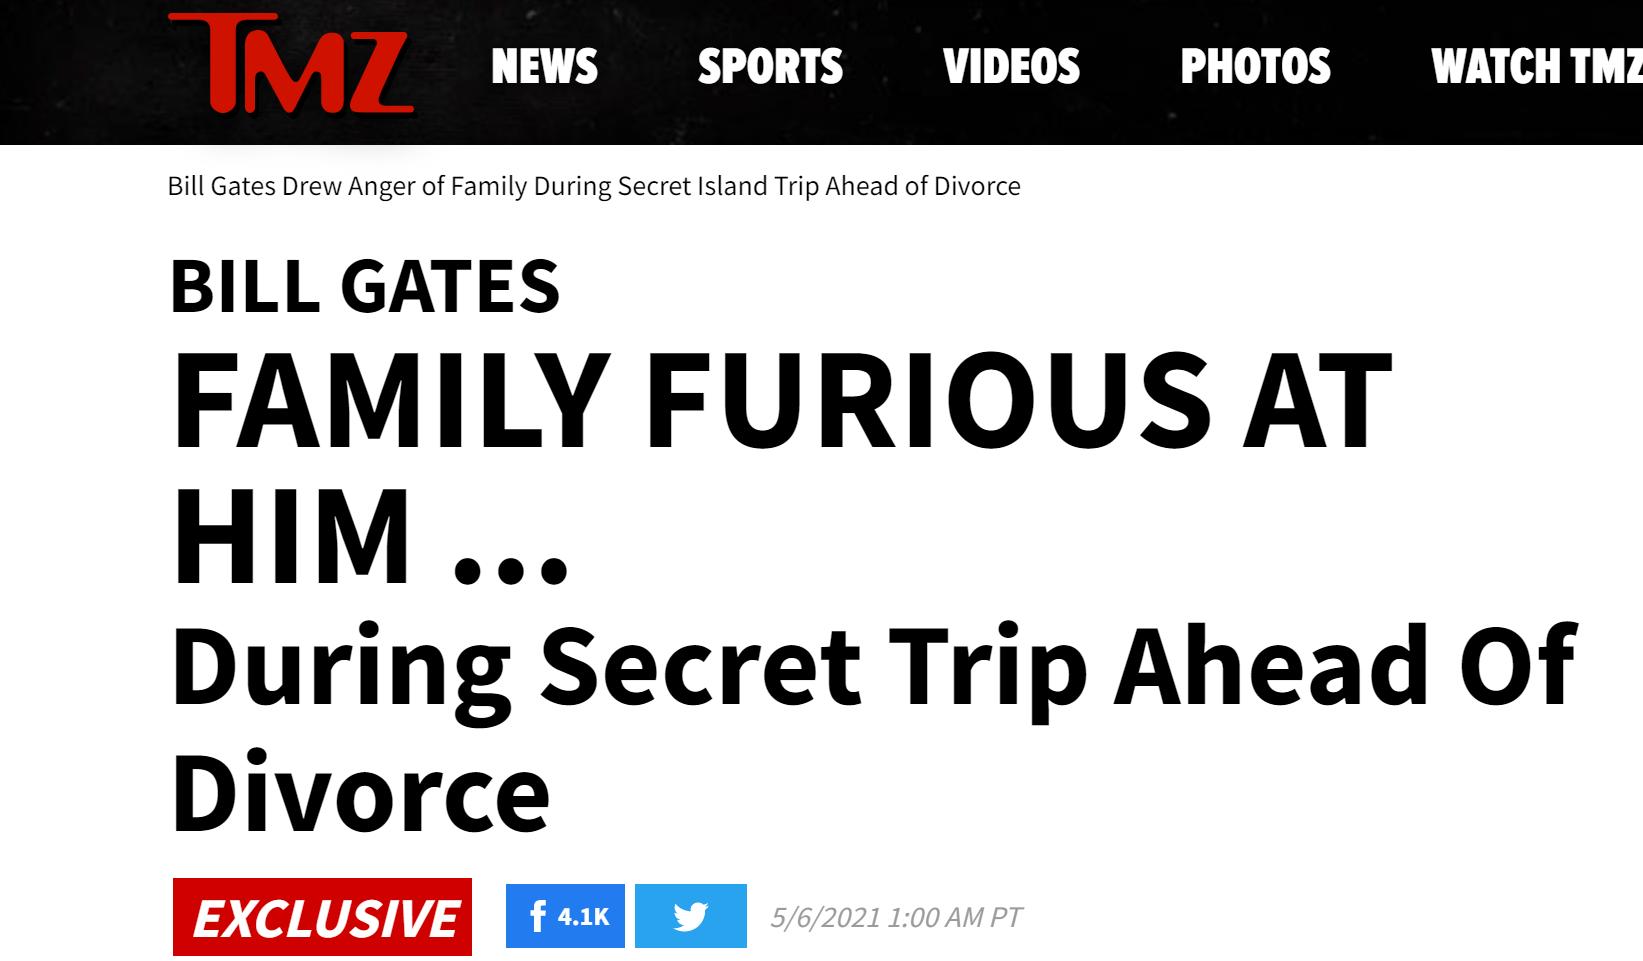 美媒爆料盖茨夫妇离婚细节:不是友好分手,律师已经忙了几个月,家人几乎都站梅琳达